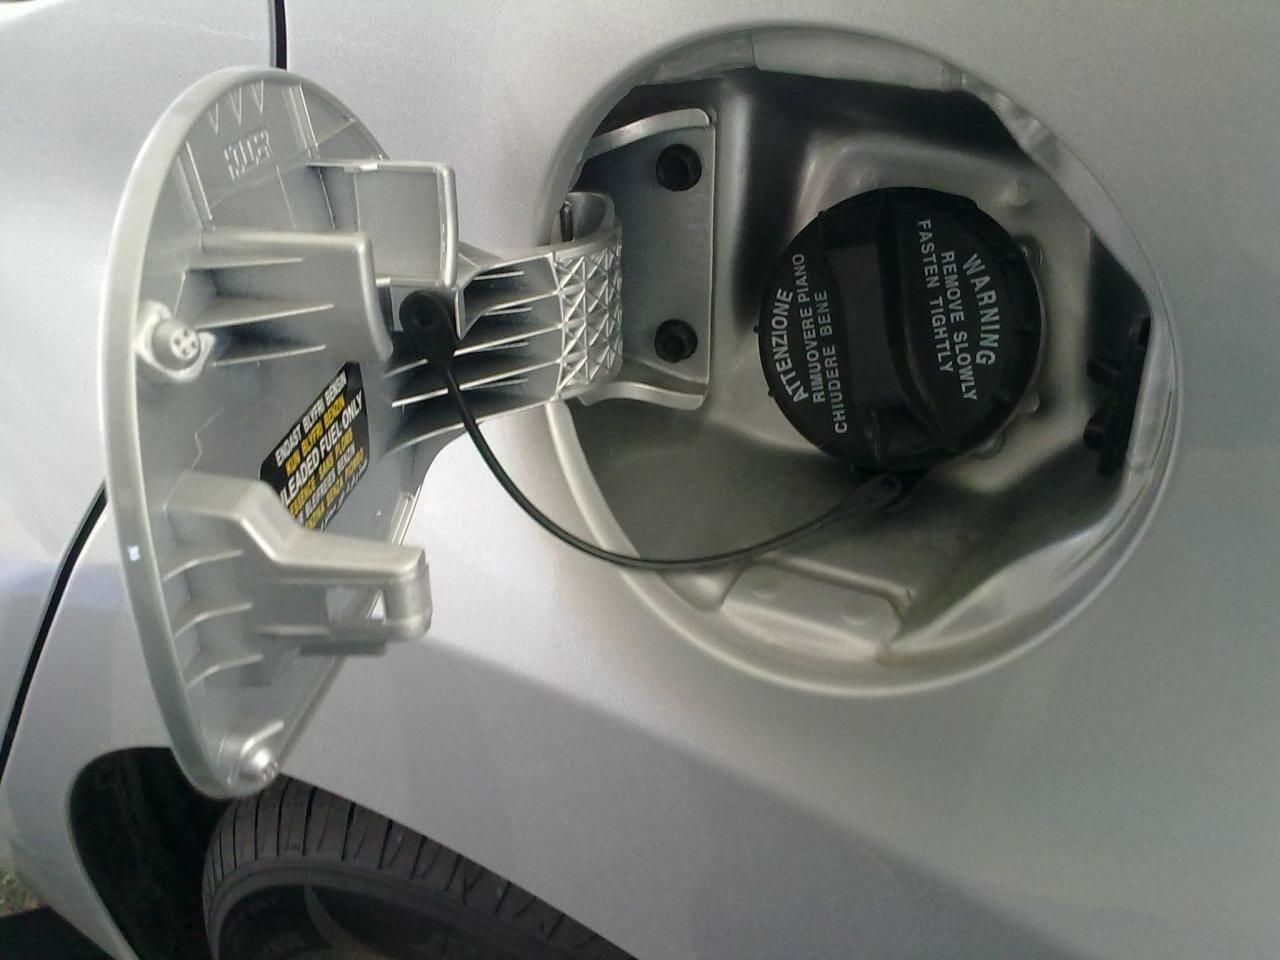 معرفة-نوع-البنزين-المناسب-عن-طريق-بيانات-السيارة